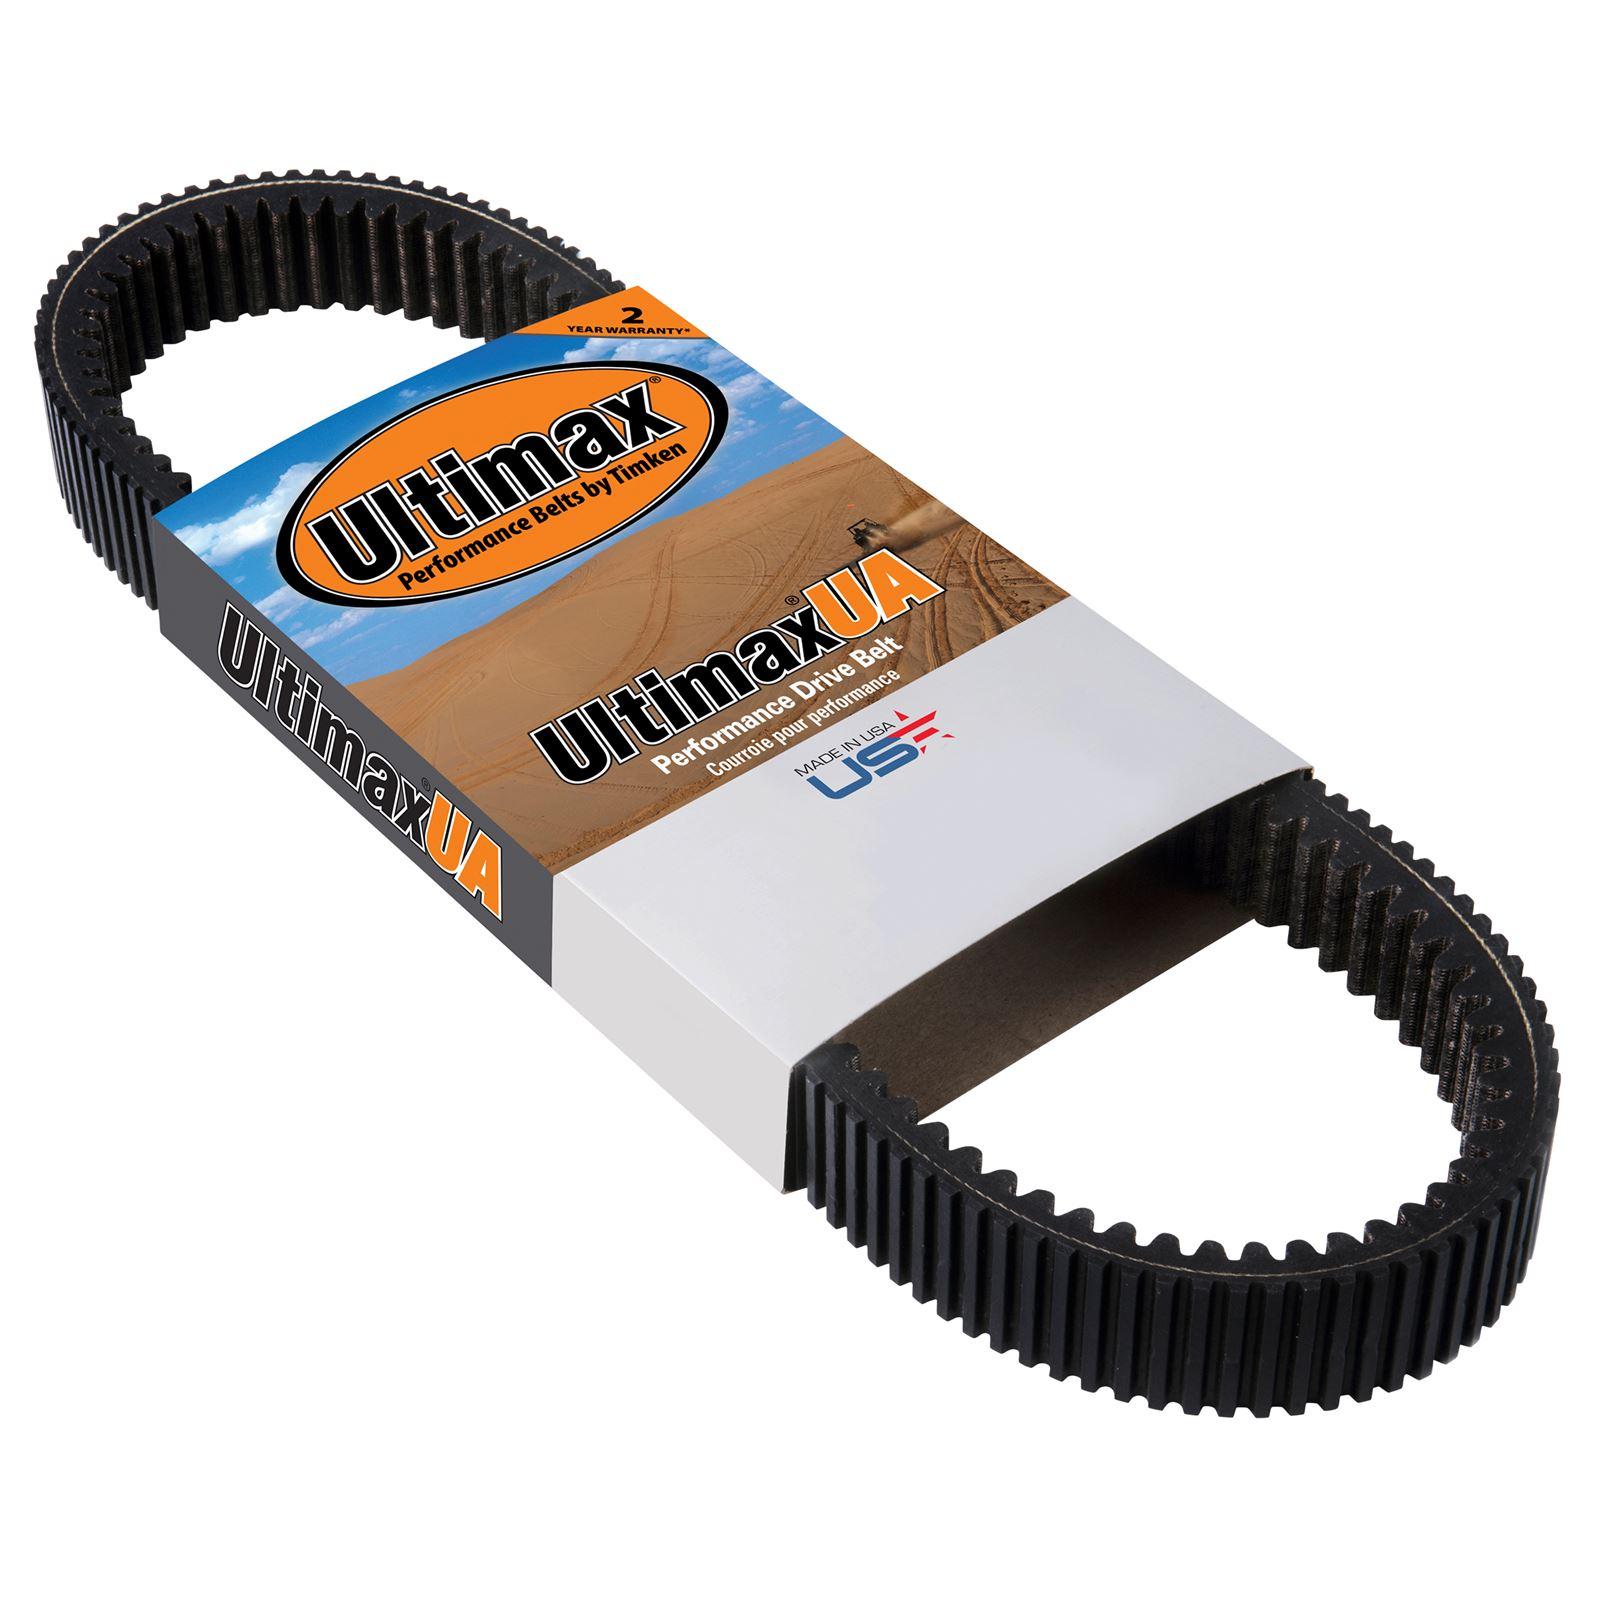 Carlisle Ultimax UA Drive Belt